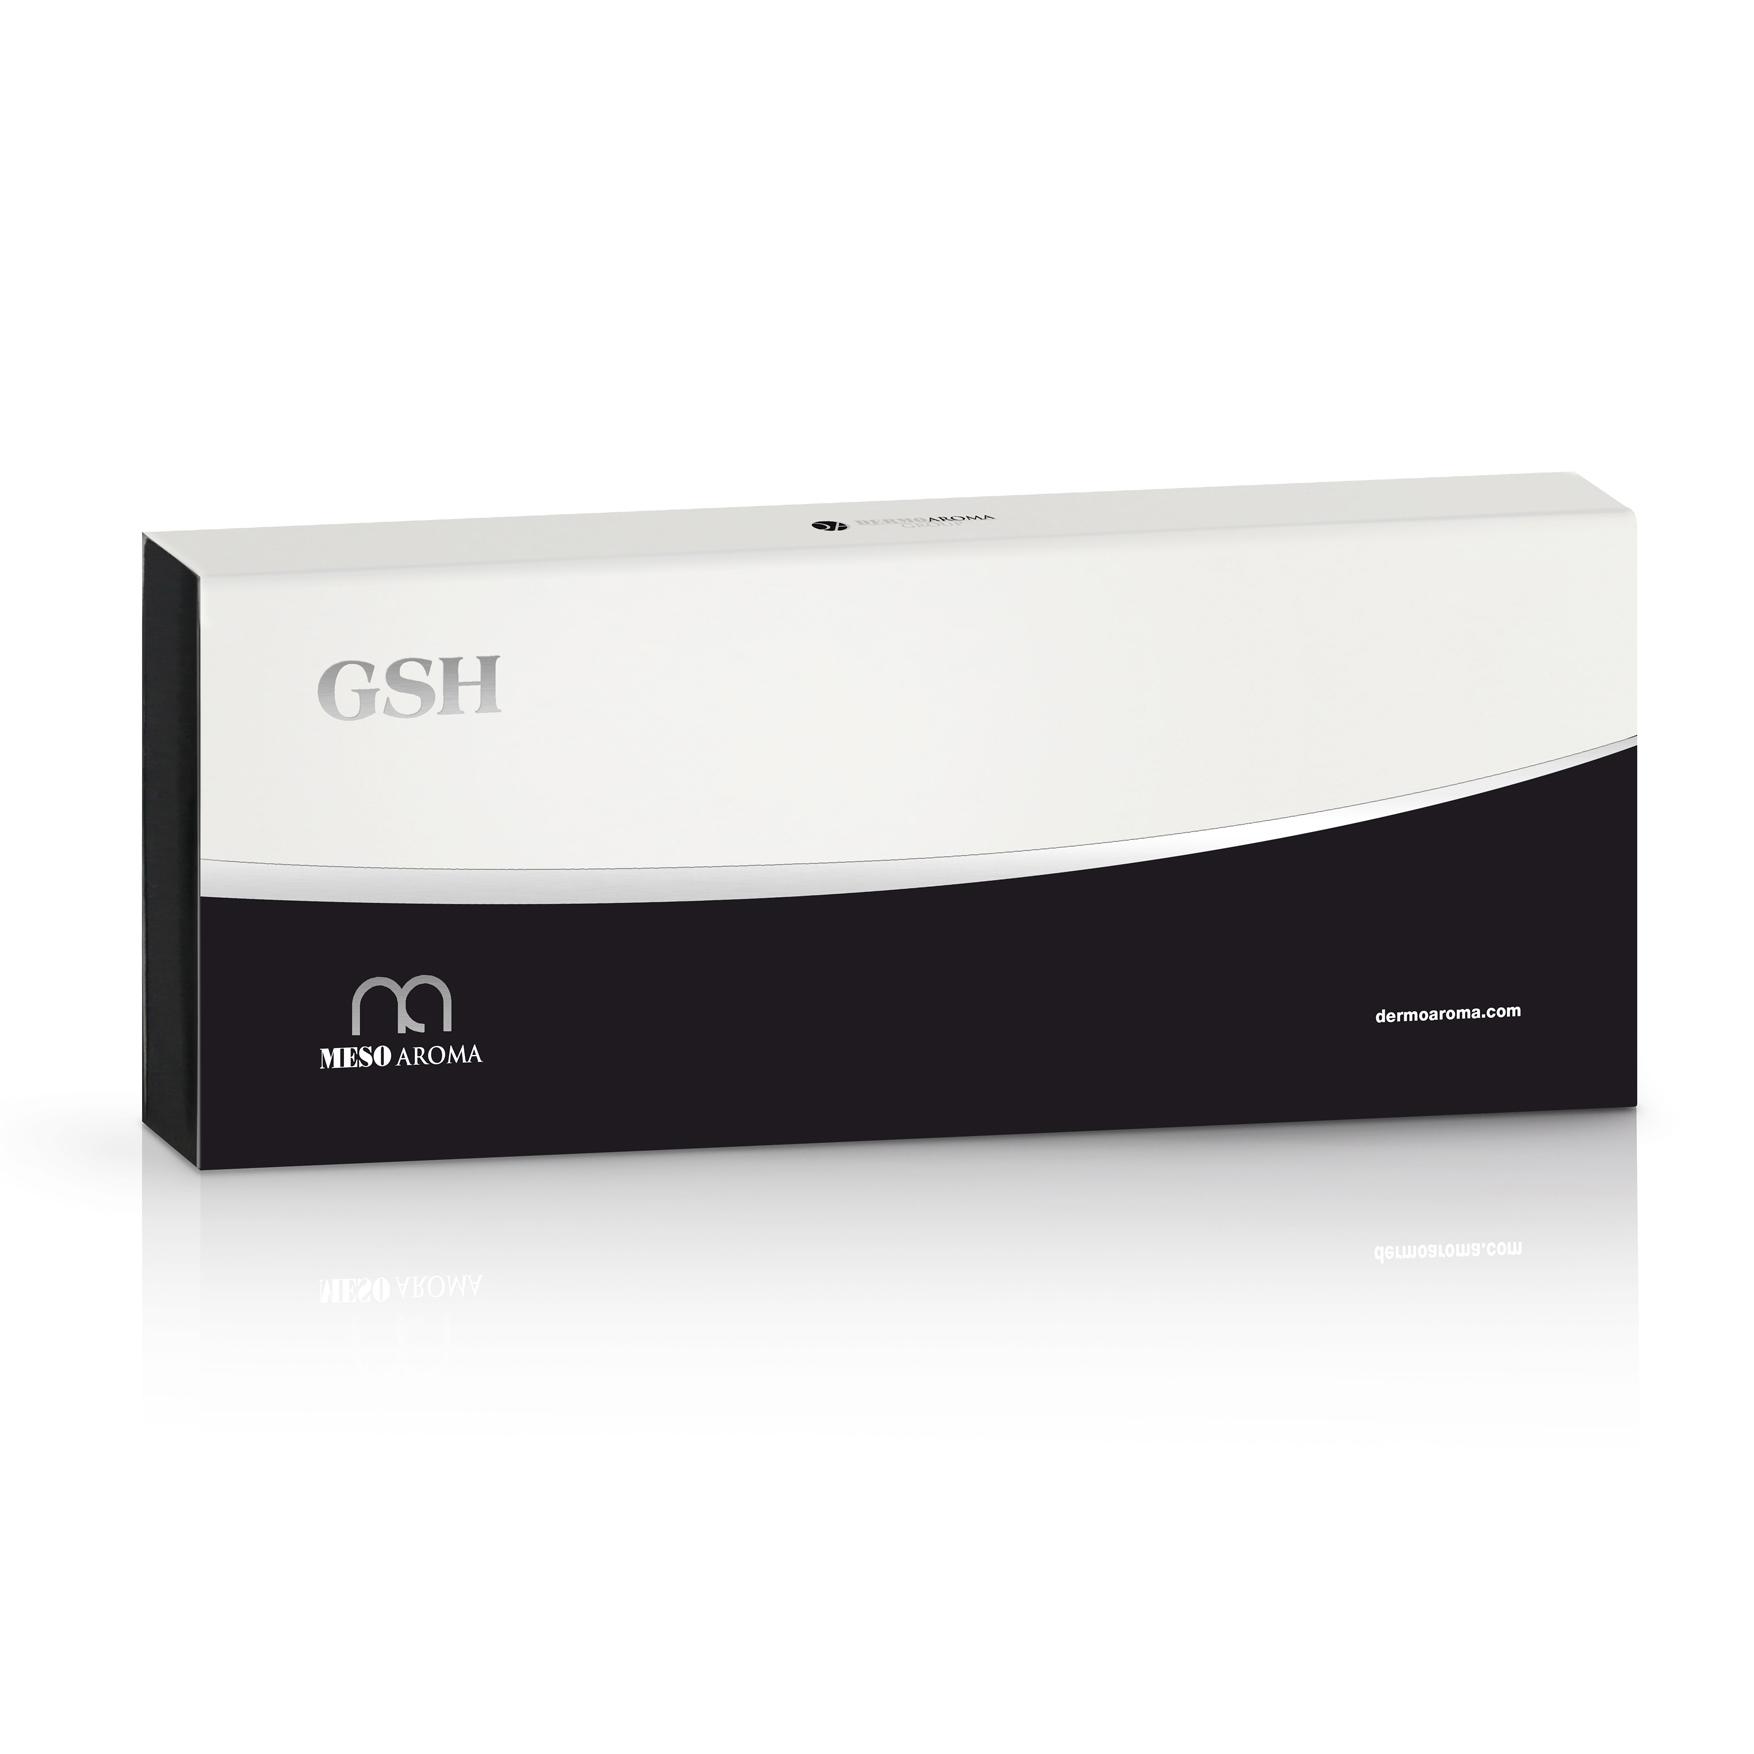 Mesoaroma-ampułki-do-mezoterapii-GSH